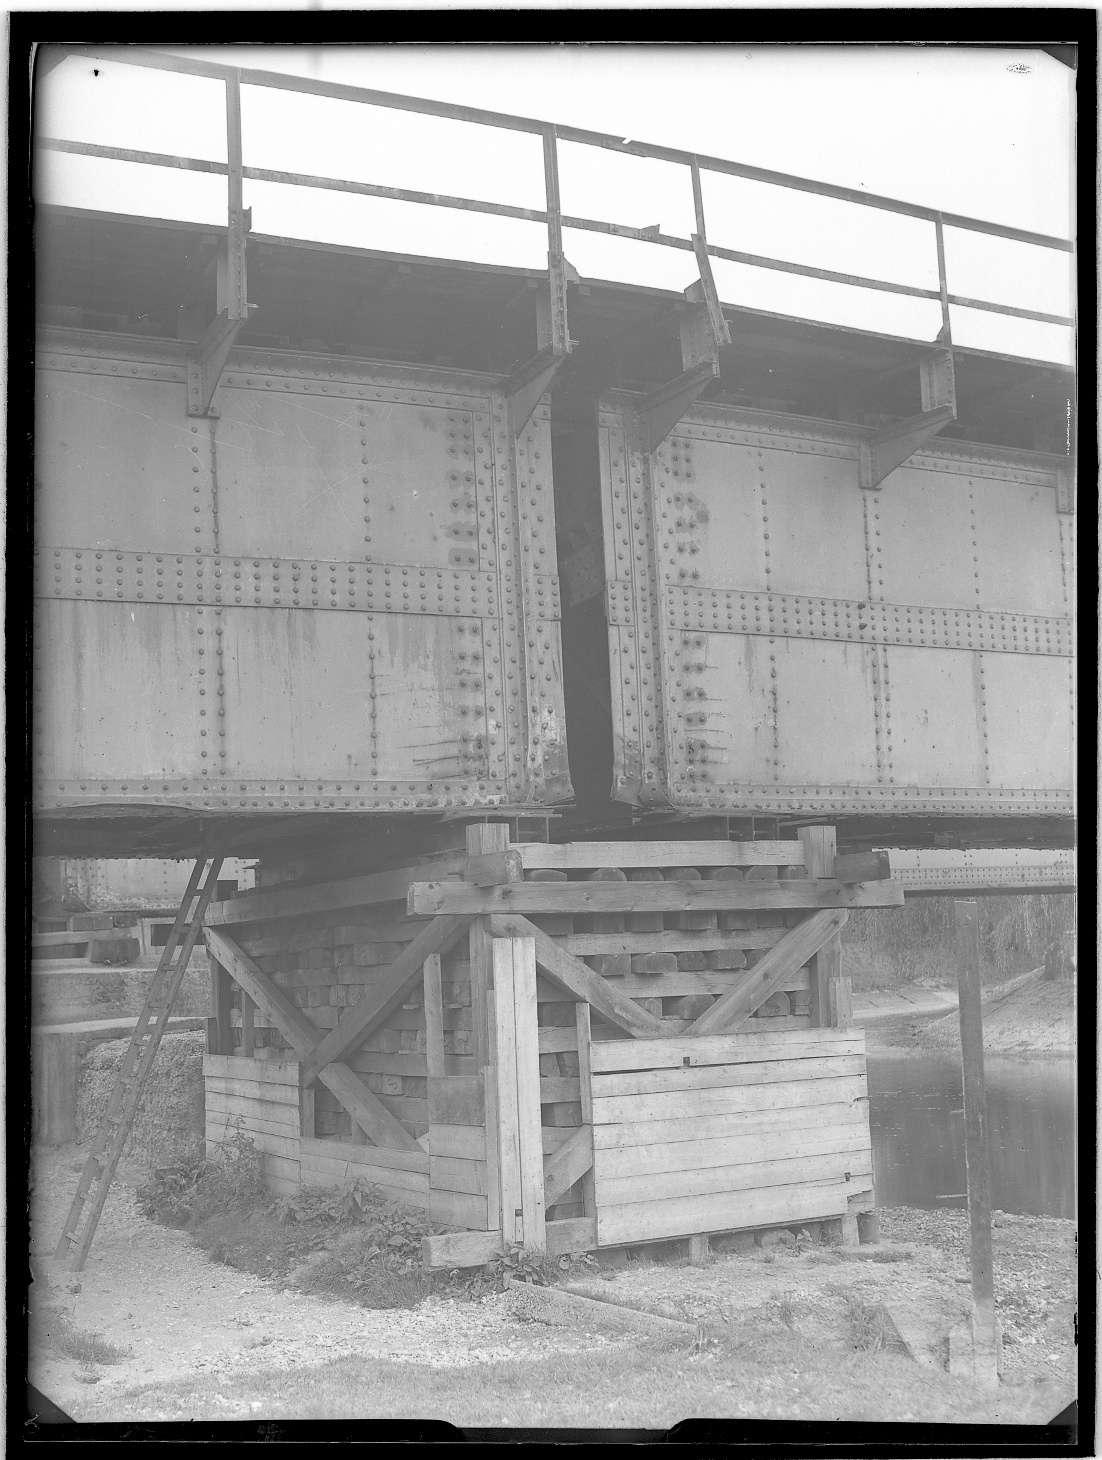 Tuttlingen, Bf, beschädigte Donaubrücke: Kriegsschaden (?), Abb. c